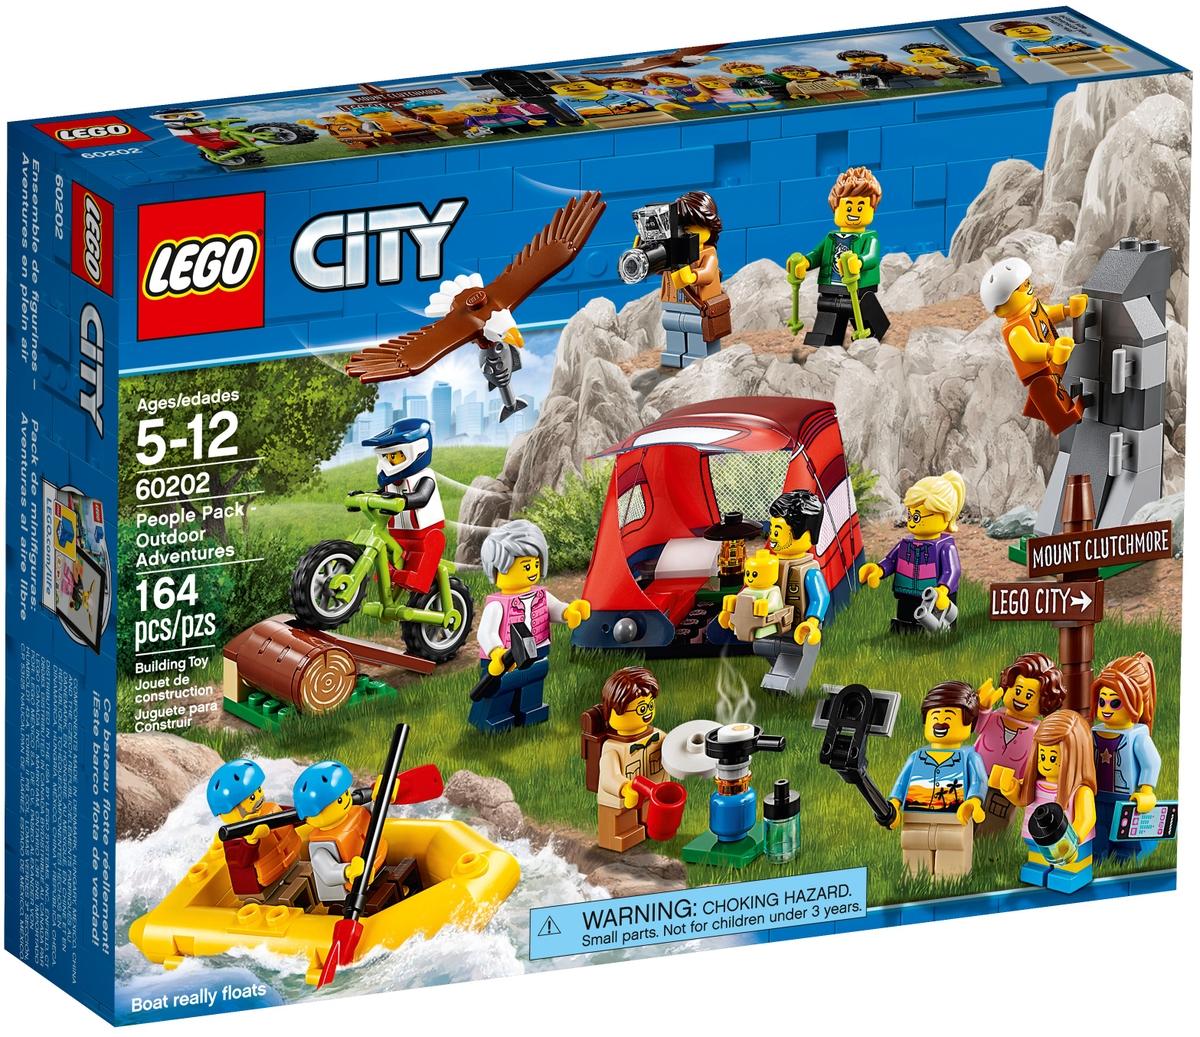 lego 60202 people pack outdoor adventures